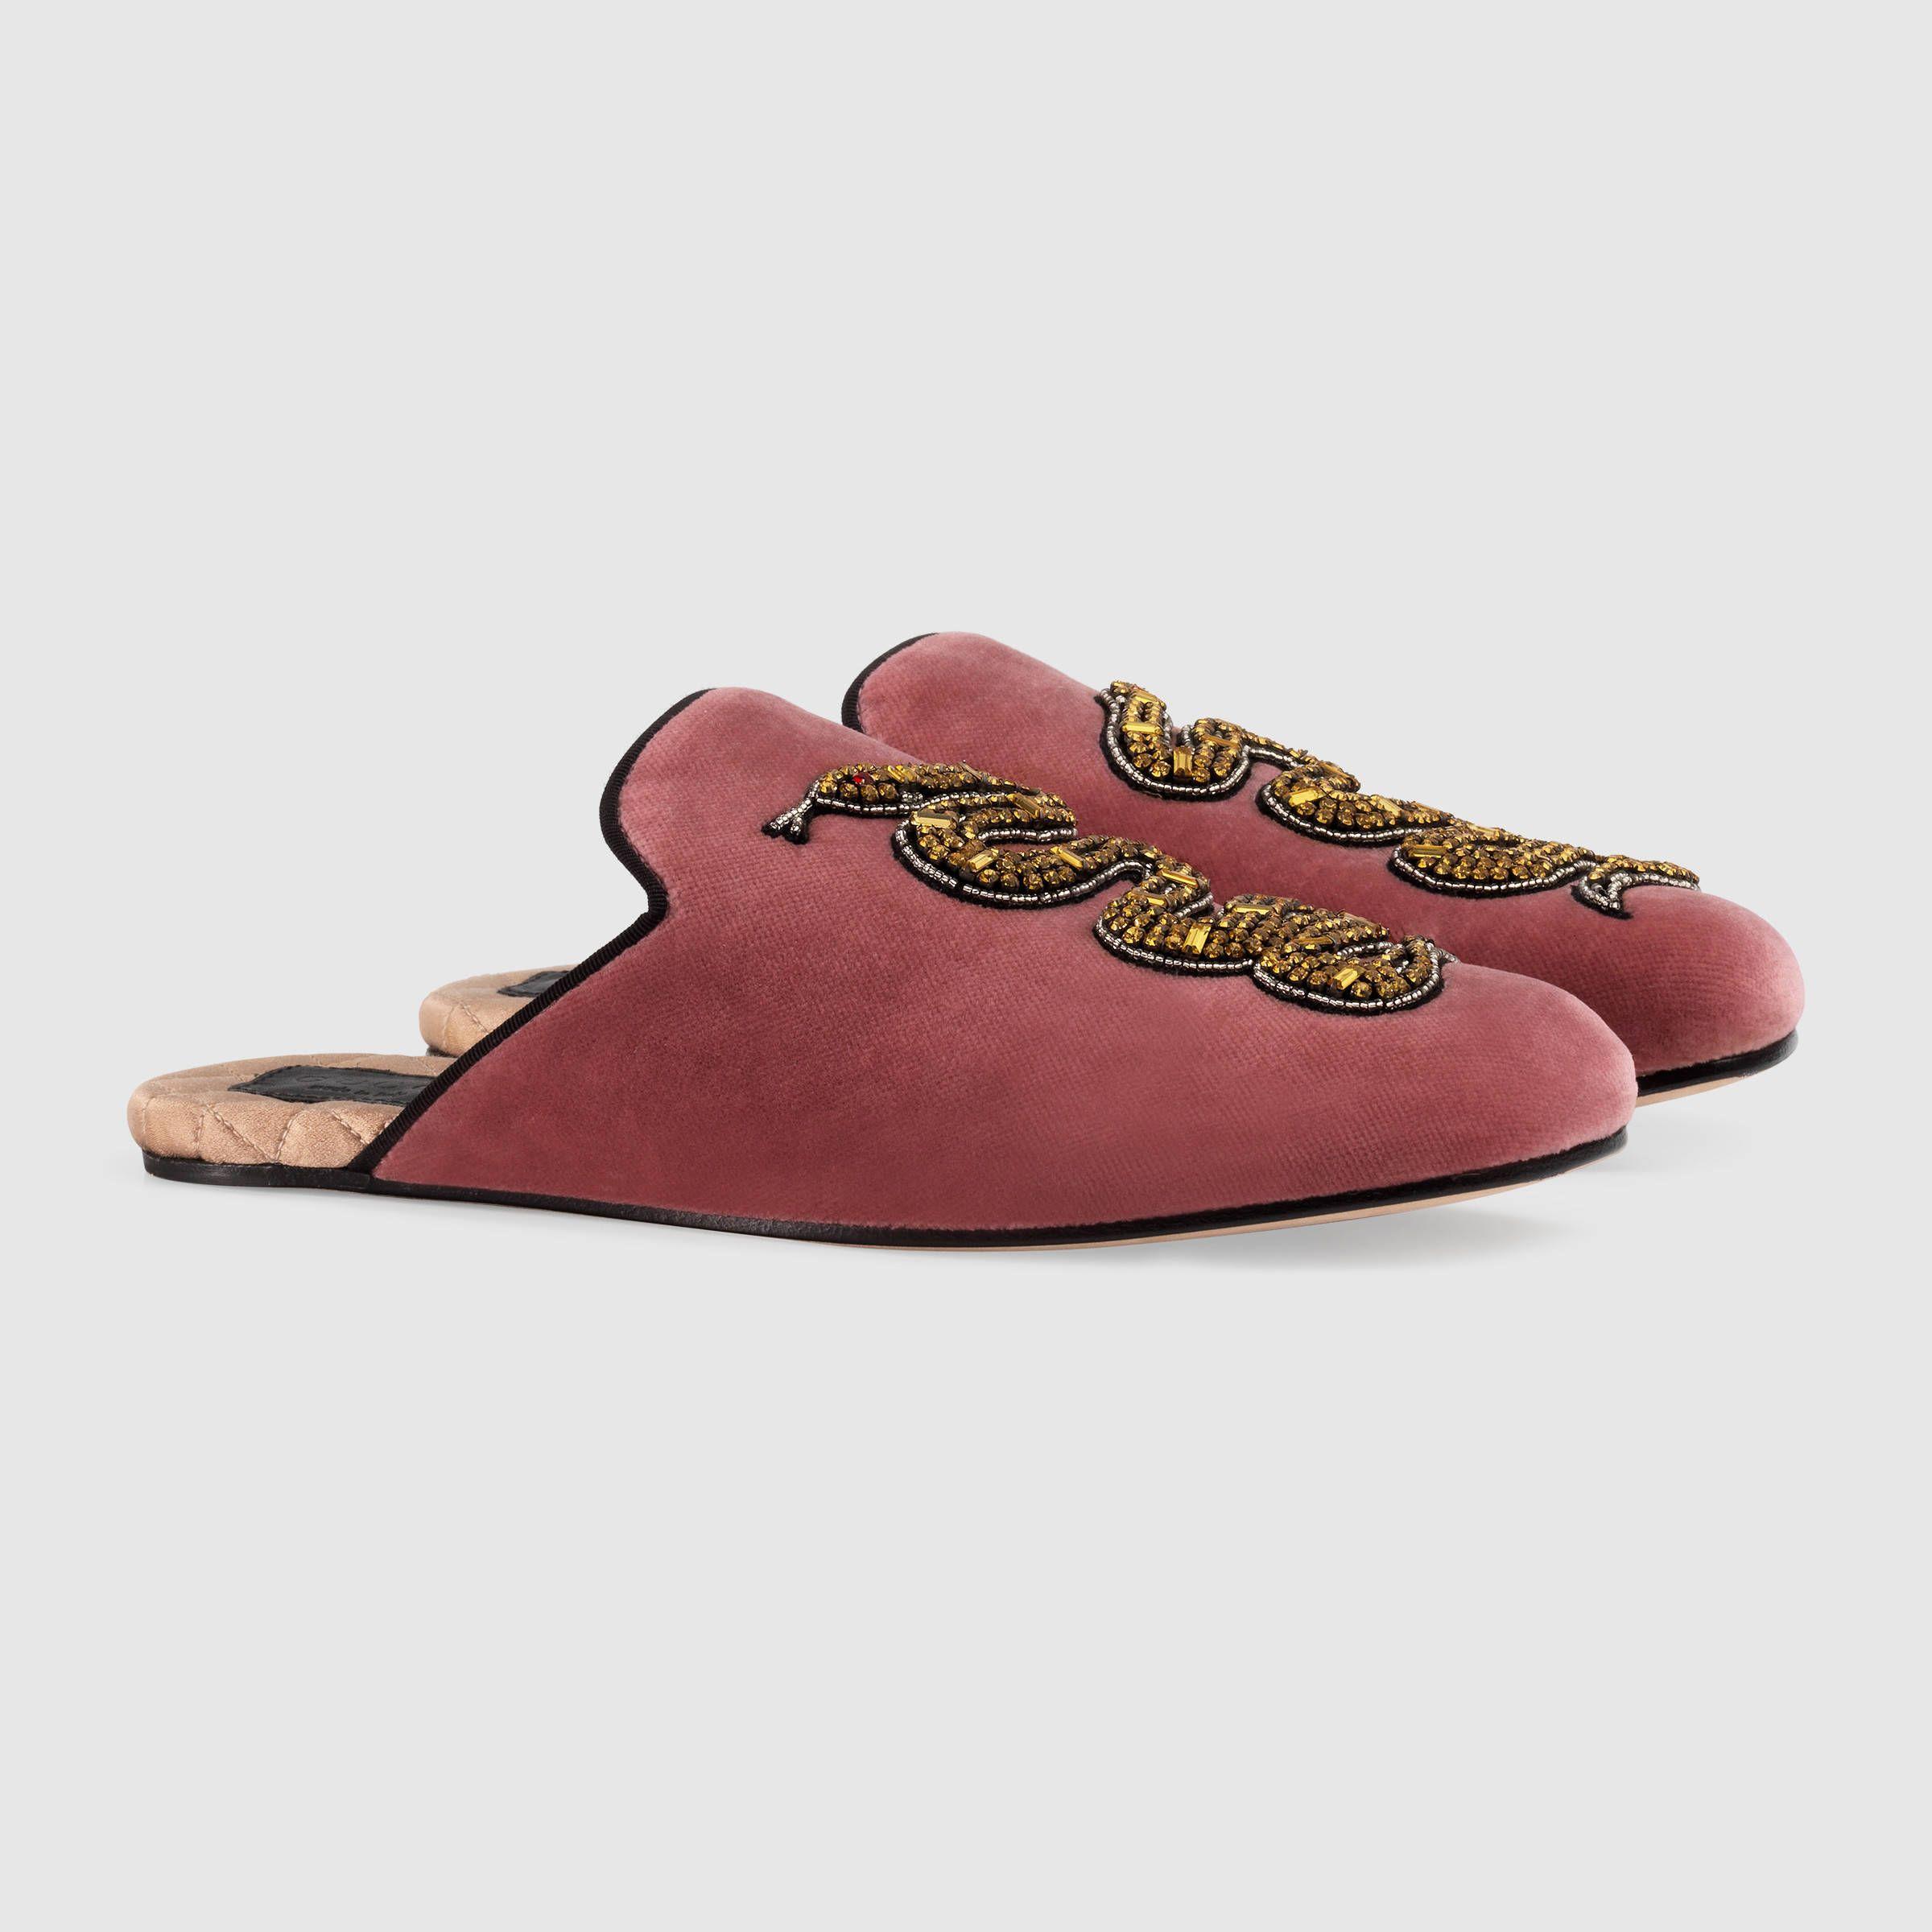 b769a0f1166 Velvet slipper with removable platform - Gucci Women s Slides  amp  Mules  470435FASN06474 Velvet Slippers